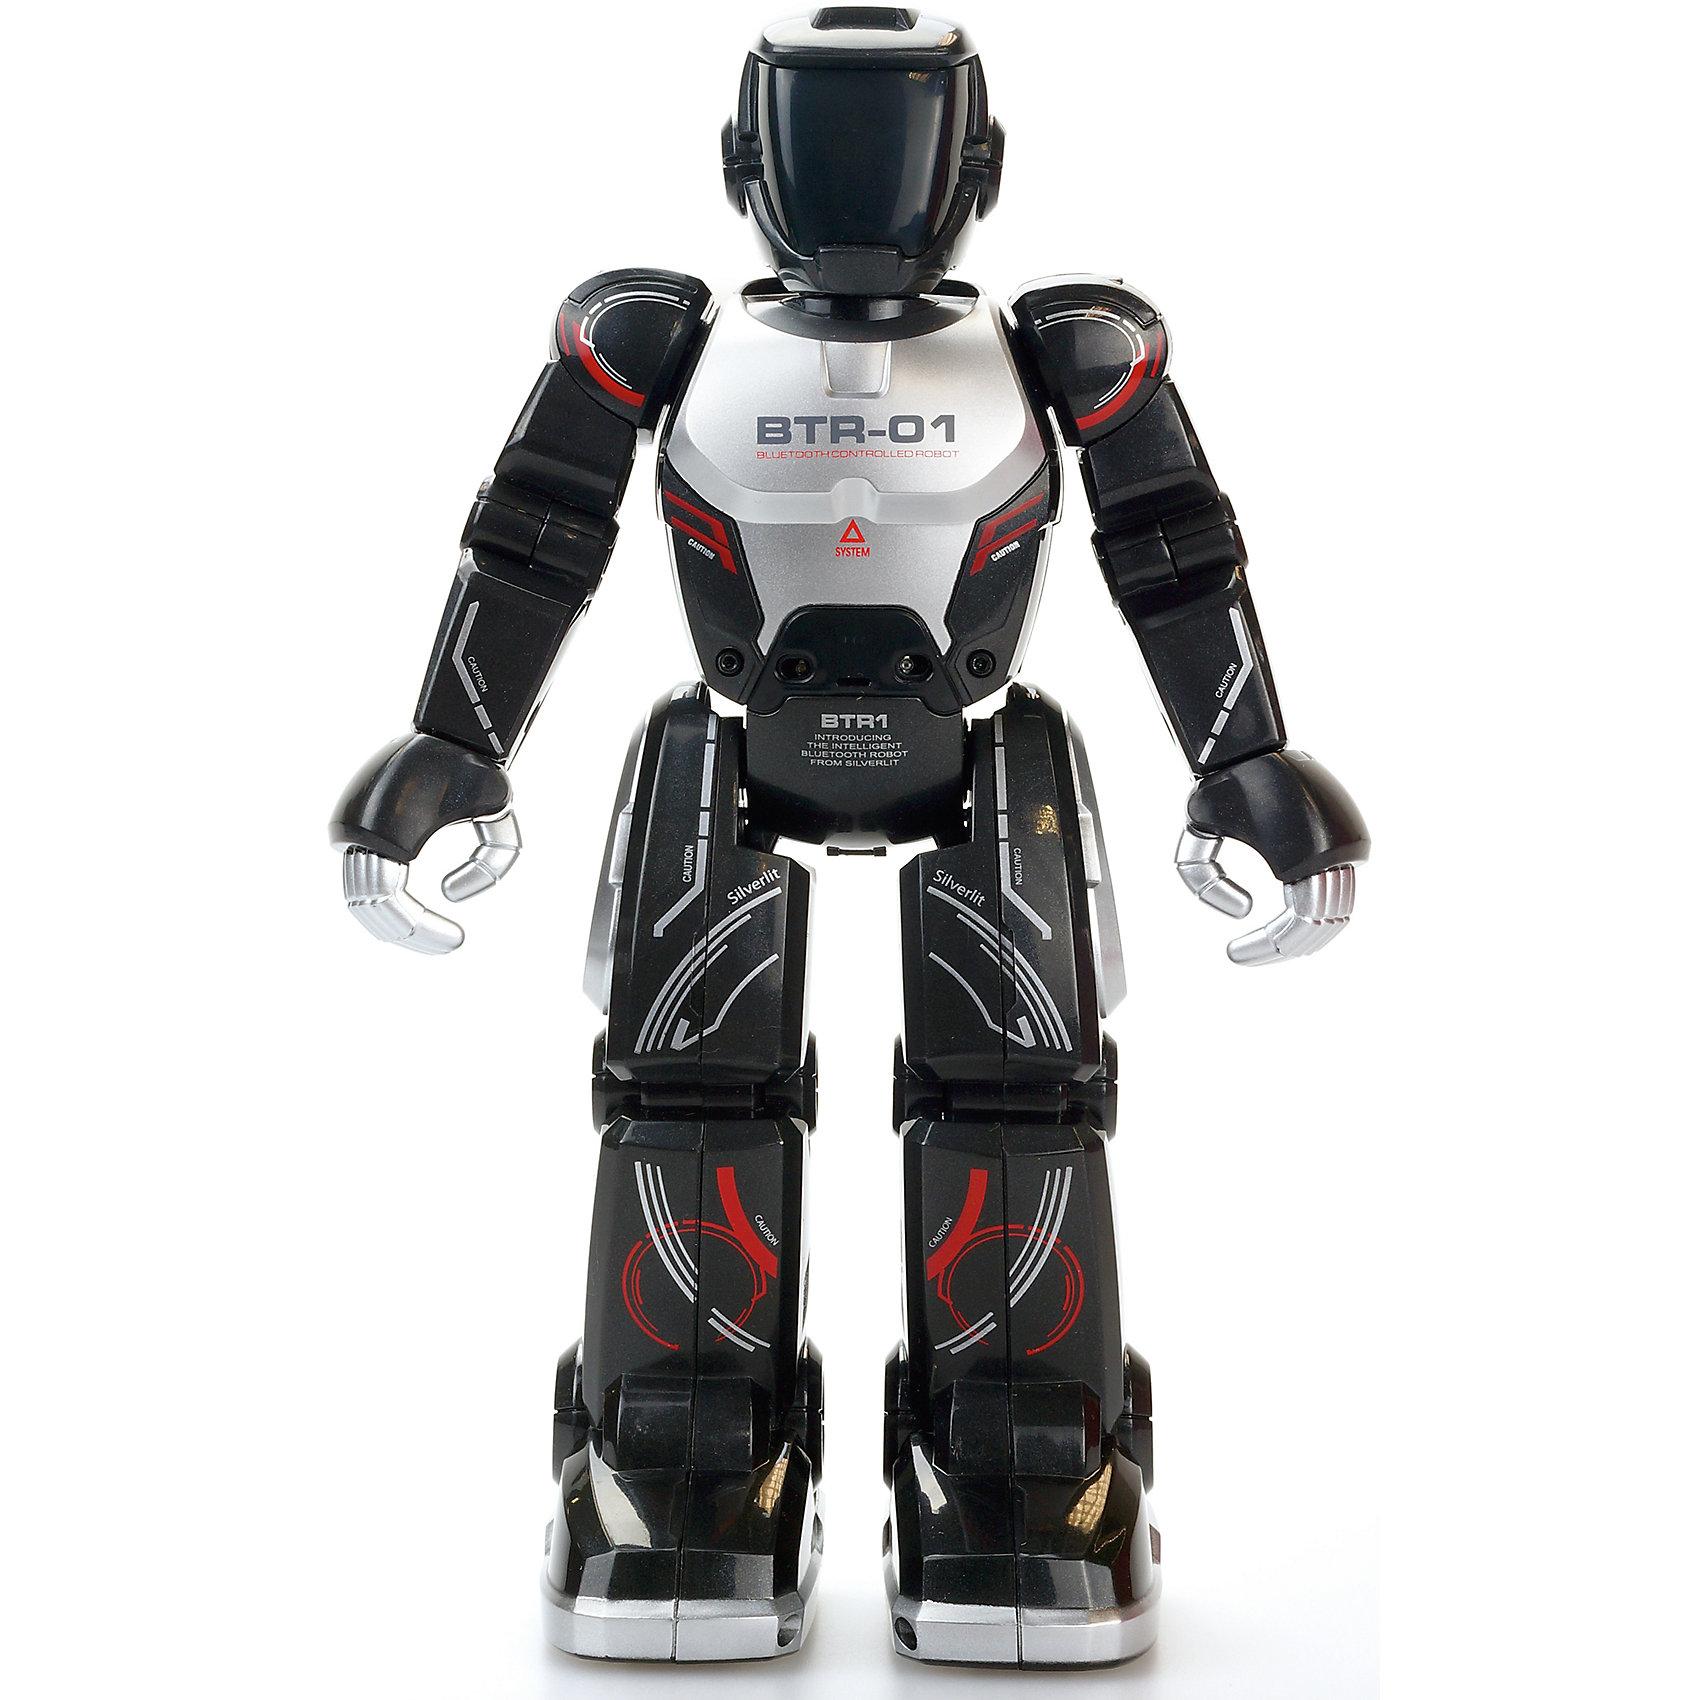 Программируемый робот Полицейский, в ассортименте, SilverlitПрограммируемый робот Полицейский, Silverlit - игрушка нового поколения, рассчитанная на управление с компьютера, смартфона или планшета. Робот управляется с помощью встроенного Bluetooth. С помощью встроенного инфракрасного датчика полицейский может взаимодействовать с другими роботами на расстоянии до 8 метров и распознавать препятствия на своем пути. Если у вас нет планшета или смартфона, игрушка может двигаться без них, выполняя запрограммированные движения - это очень удобно, если с роботом играют маленькие дети. Робот имеет функцию «Шпион», благодаря которой будет проходить запись разговоров.<br><br>Дополнительная информация:<br><br>- Комплектация: робот, аккумулятор, USB провод для зарядки. <br>- Материал: пластик, металл.<br>- Размер: 24 см.<br>- Элемент питания: аккумулятор (в комплекте).<br>- Время зарядки аккумулятора: 1 час.<br>- Время непрерывной работы (при полной зарядке аккумулятора): 30 мин.<br>- Управление: планшет, компьютер, смартфон (IOS , Android).<br>- Голова, руки, пальцы, ноги подвижные.<br>- ИК датчик для распознавания препятствий и других роботов.<br>- Функция Шпион.<br><br>Программируемого робота Полицейский, Silverlit (Сильверлит) можно купить в нашем магазине.<br><br>Ширина мм: 210<br>Глубина мм: 90<br>Высота мм: 300<br>Вес г: 700<br>Возраст от месяцев: 36<br>Возраст до месяцев: 84<br>Пол: Мужской<br>Возраст: Детский<br>SKU: 4039314